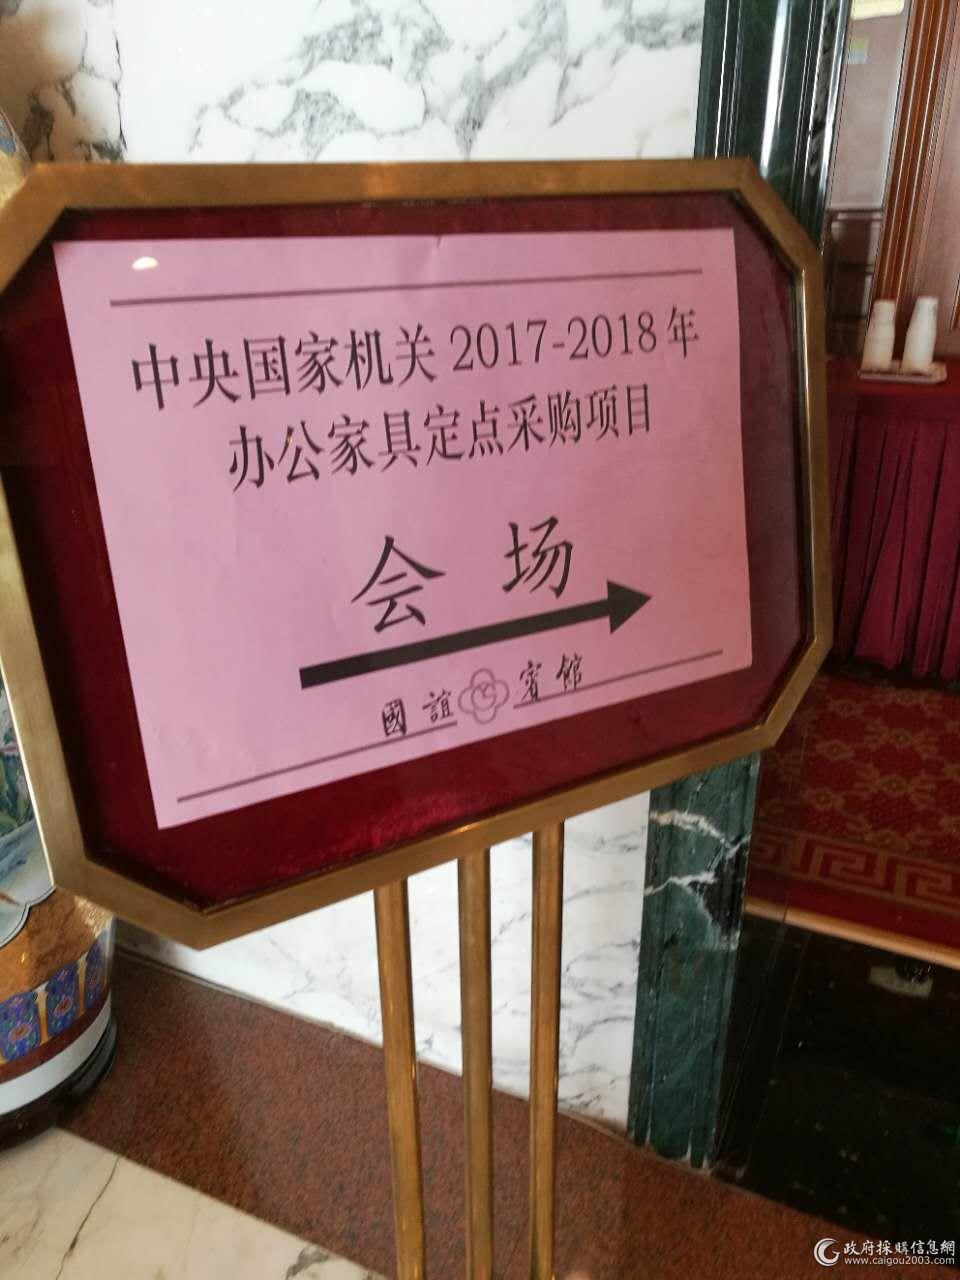 中央機關2017-2018年辦公家具定點采購結果出爐